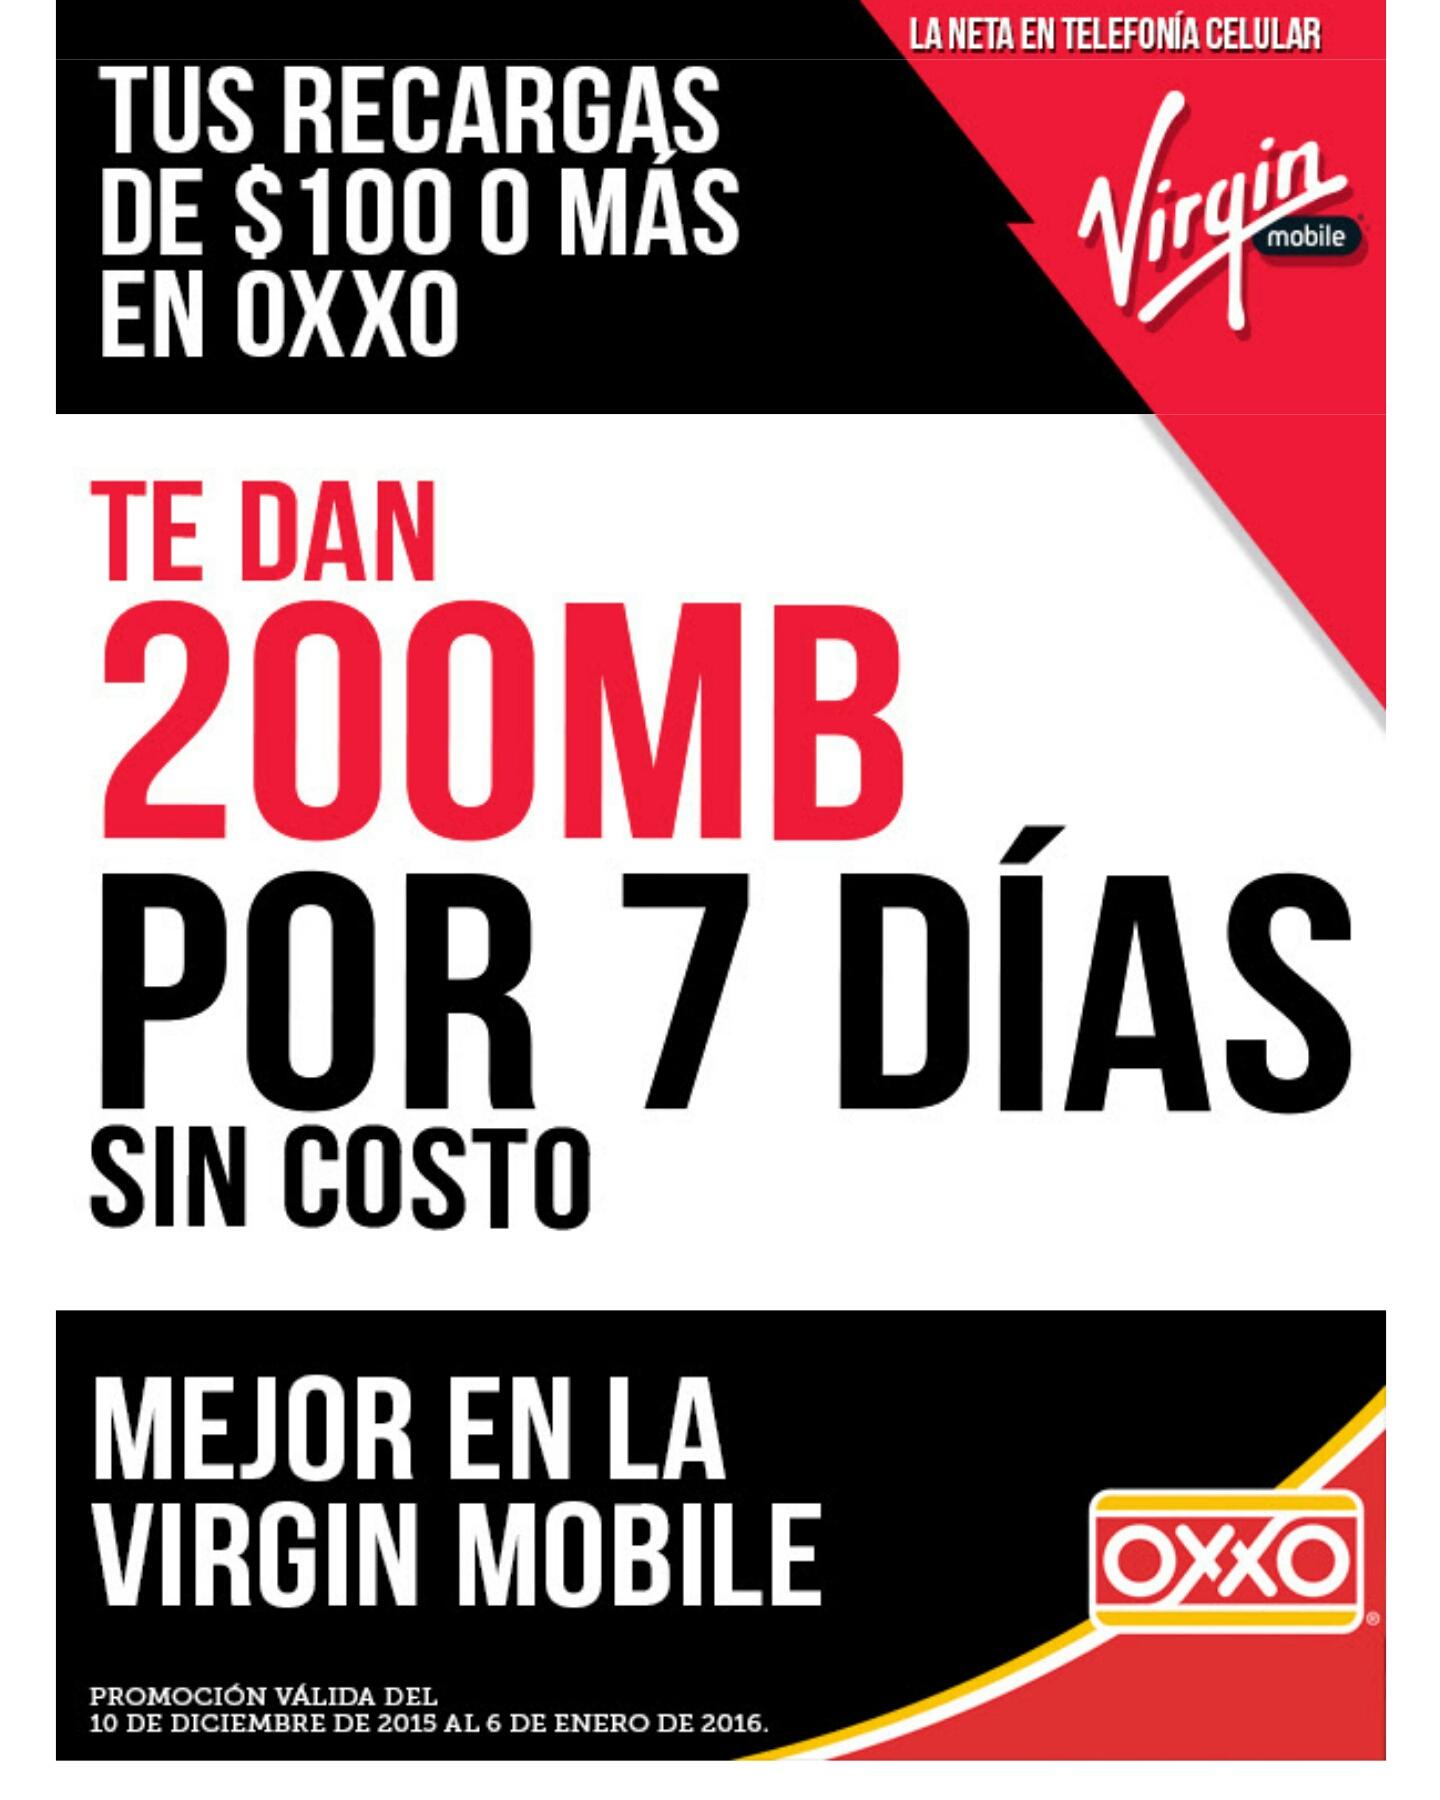 Virgin Mobile: Recarga $100 o mas en Oxxo y recibe 200 mb por 7 dias